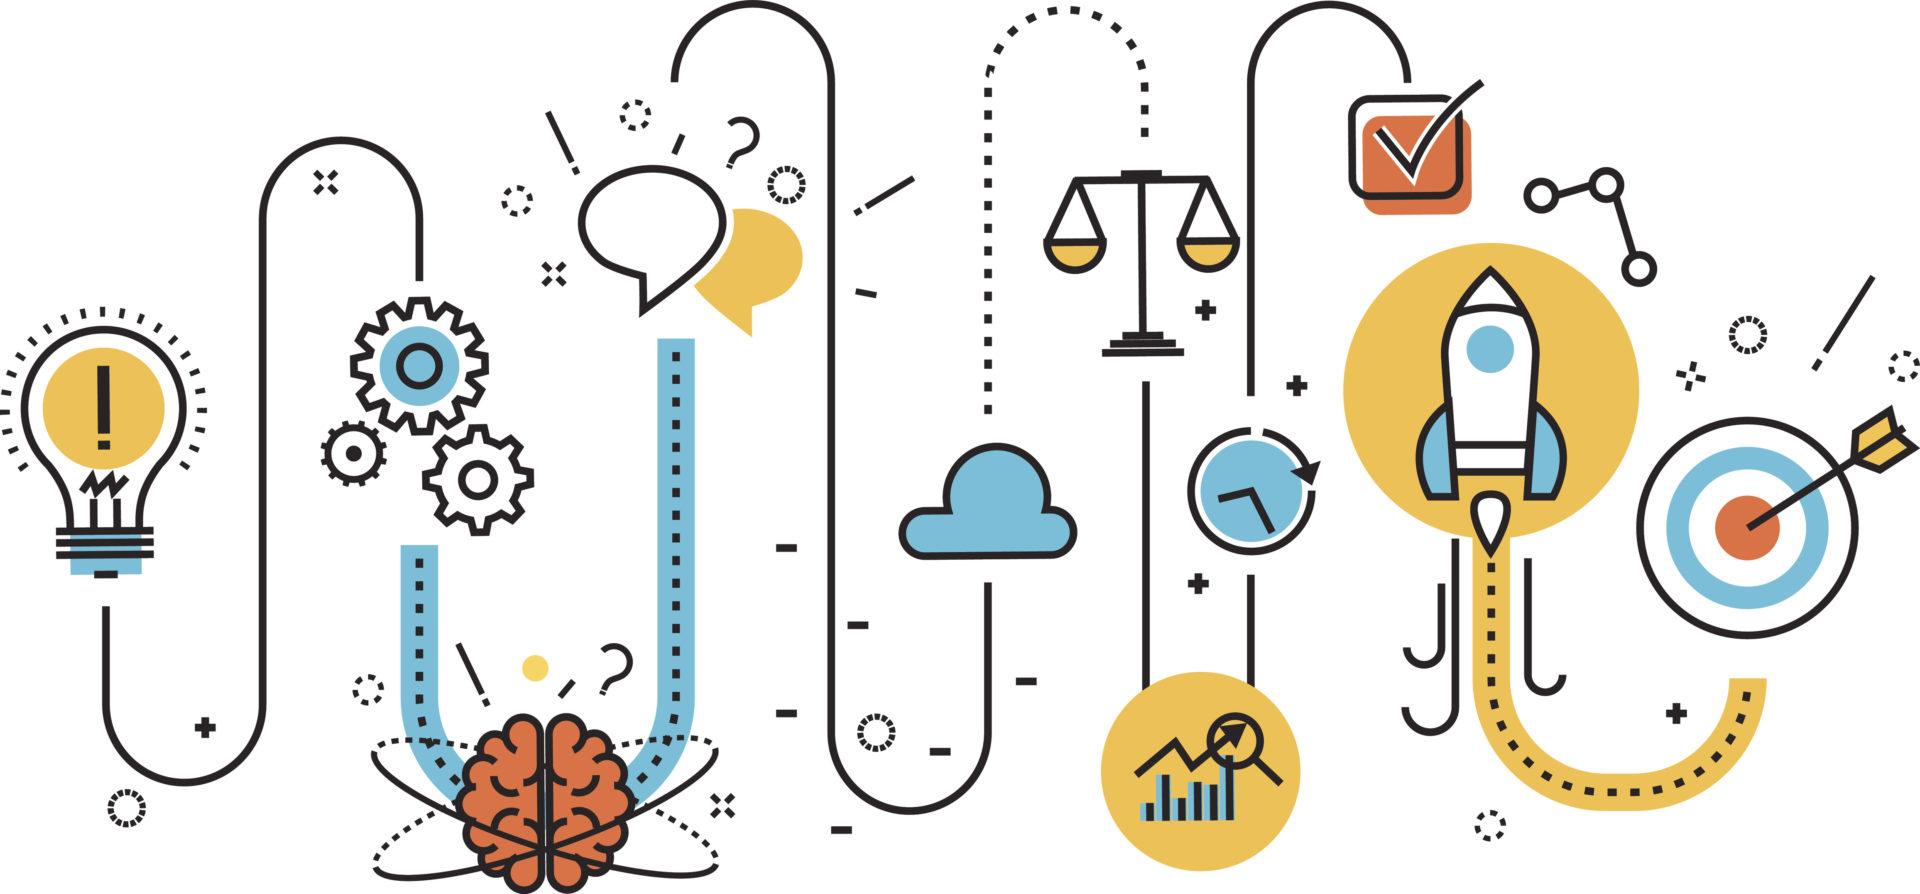 ¿Cómo aplicar Design Thinking en el negocio educativo?